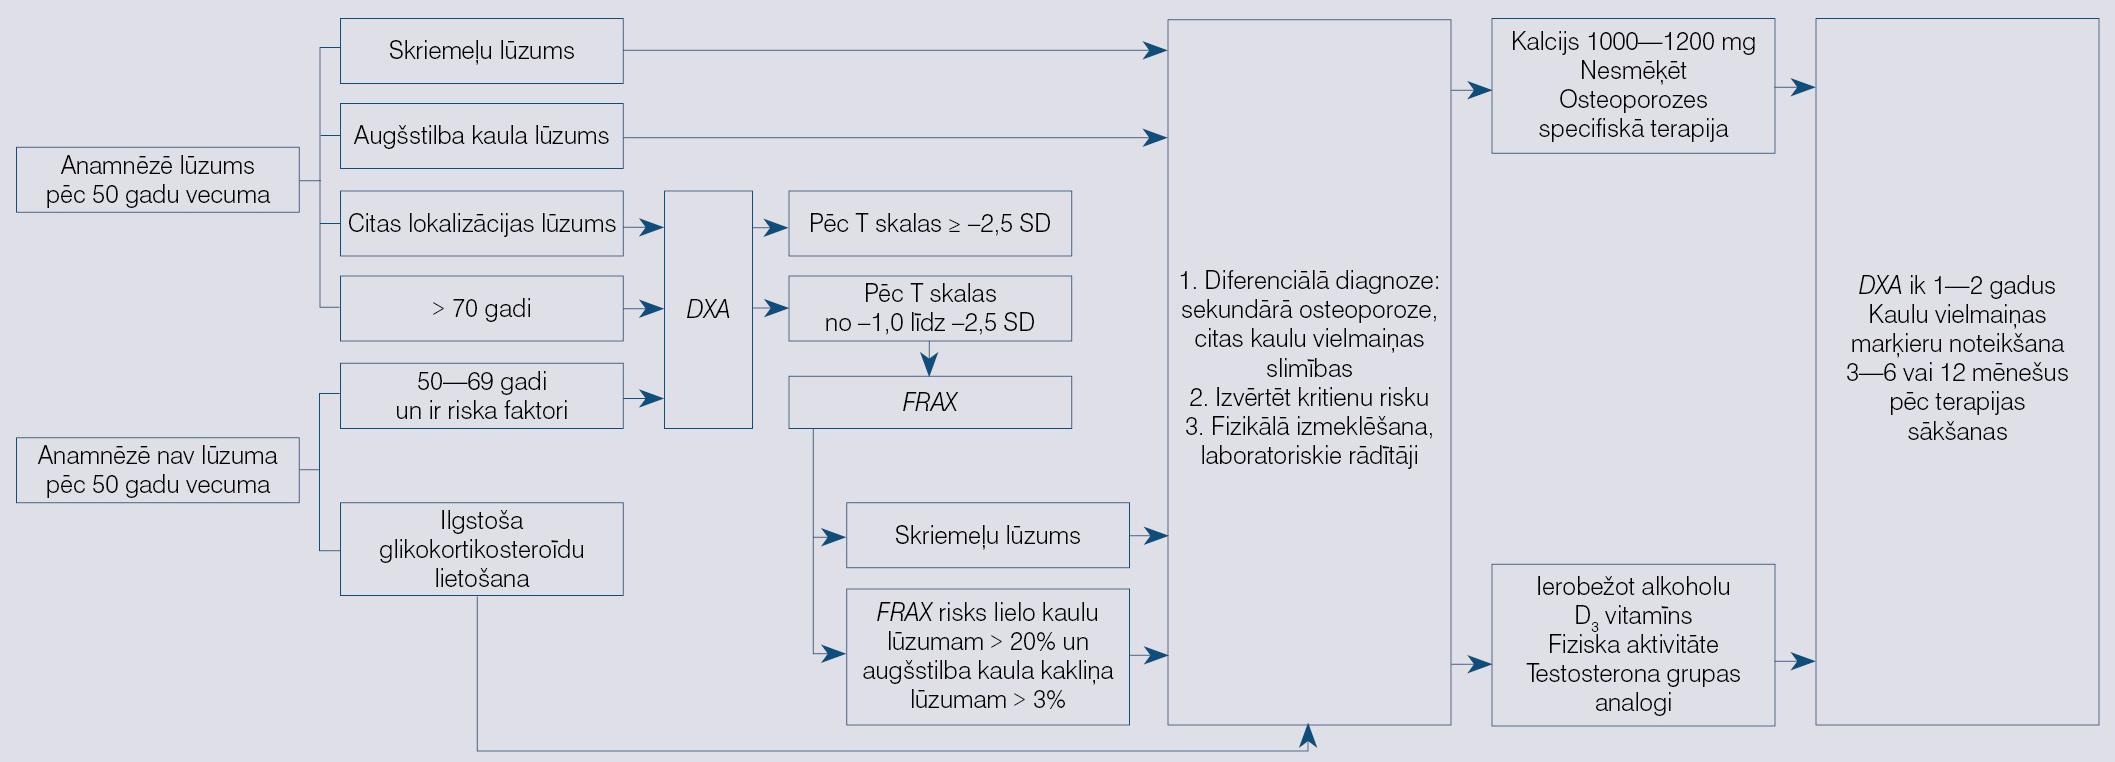 Rīcības algoritms osteoporozes gadījumā vīriešiem [16]